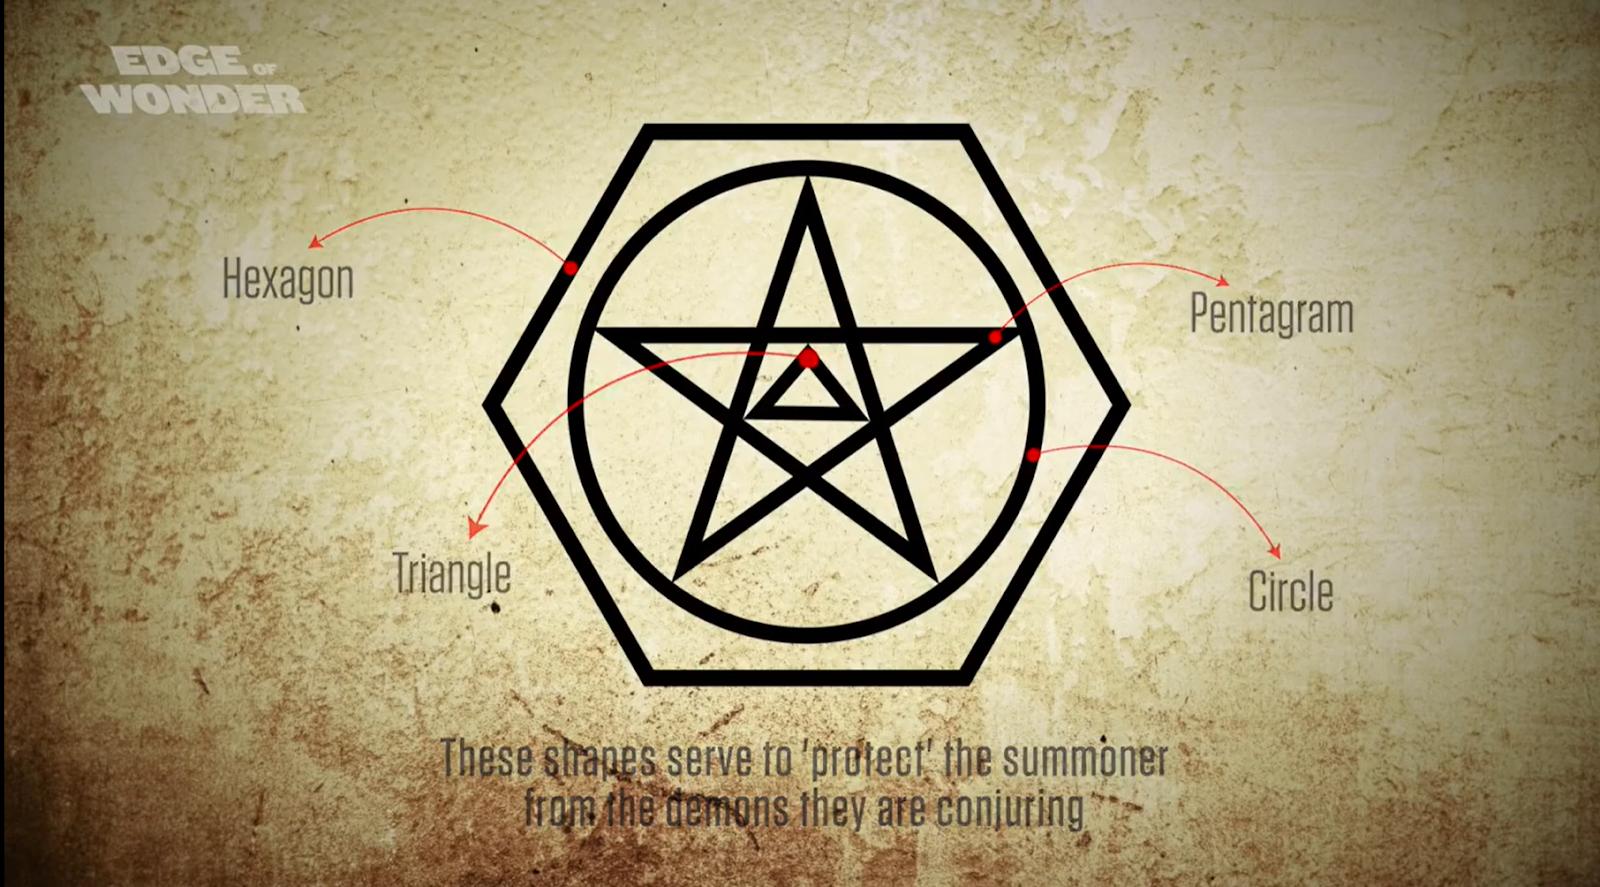 Người được gọi là 'Mẹ của bóng tối' sẽ đứng trong tâm hình lục giác này, triệu tập những con quỷ cổ xưa nhất mọi thời cổ đại để thực hiện nghi lễ hiến máu